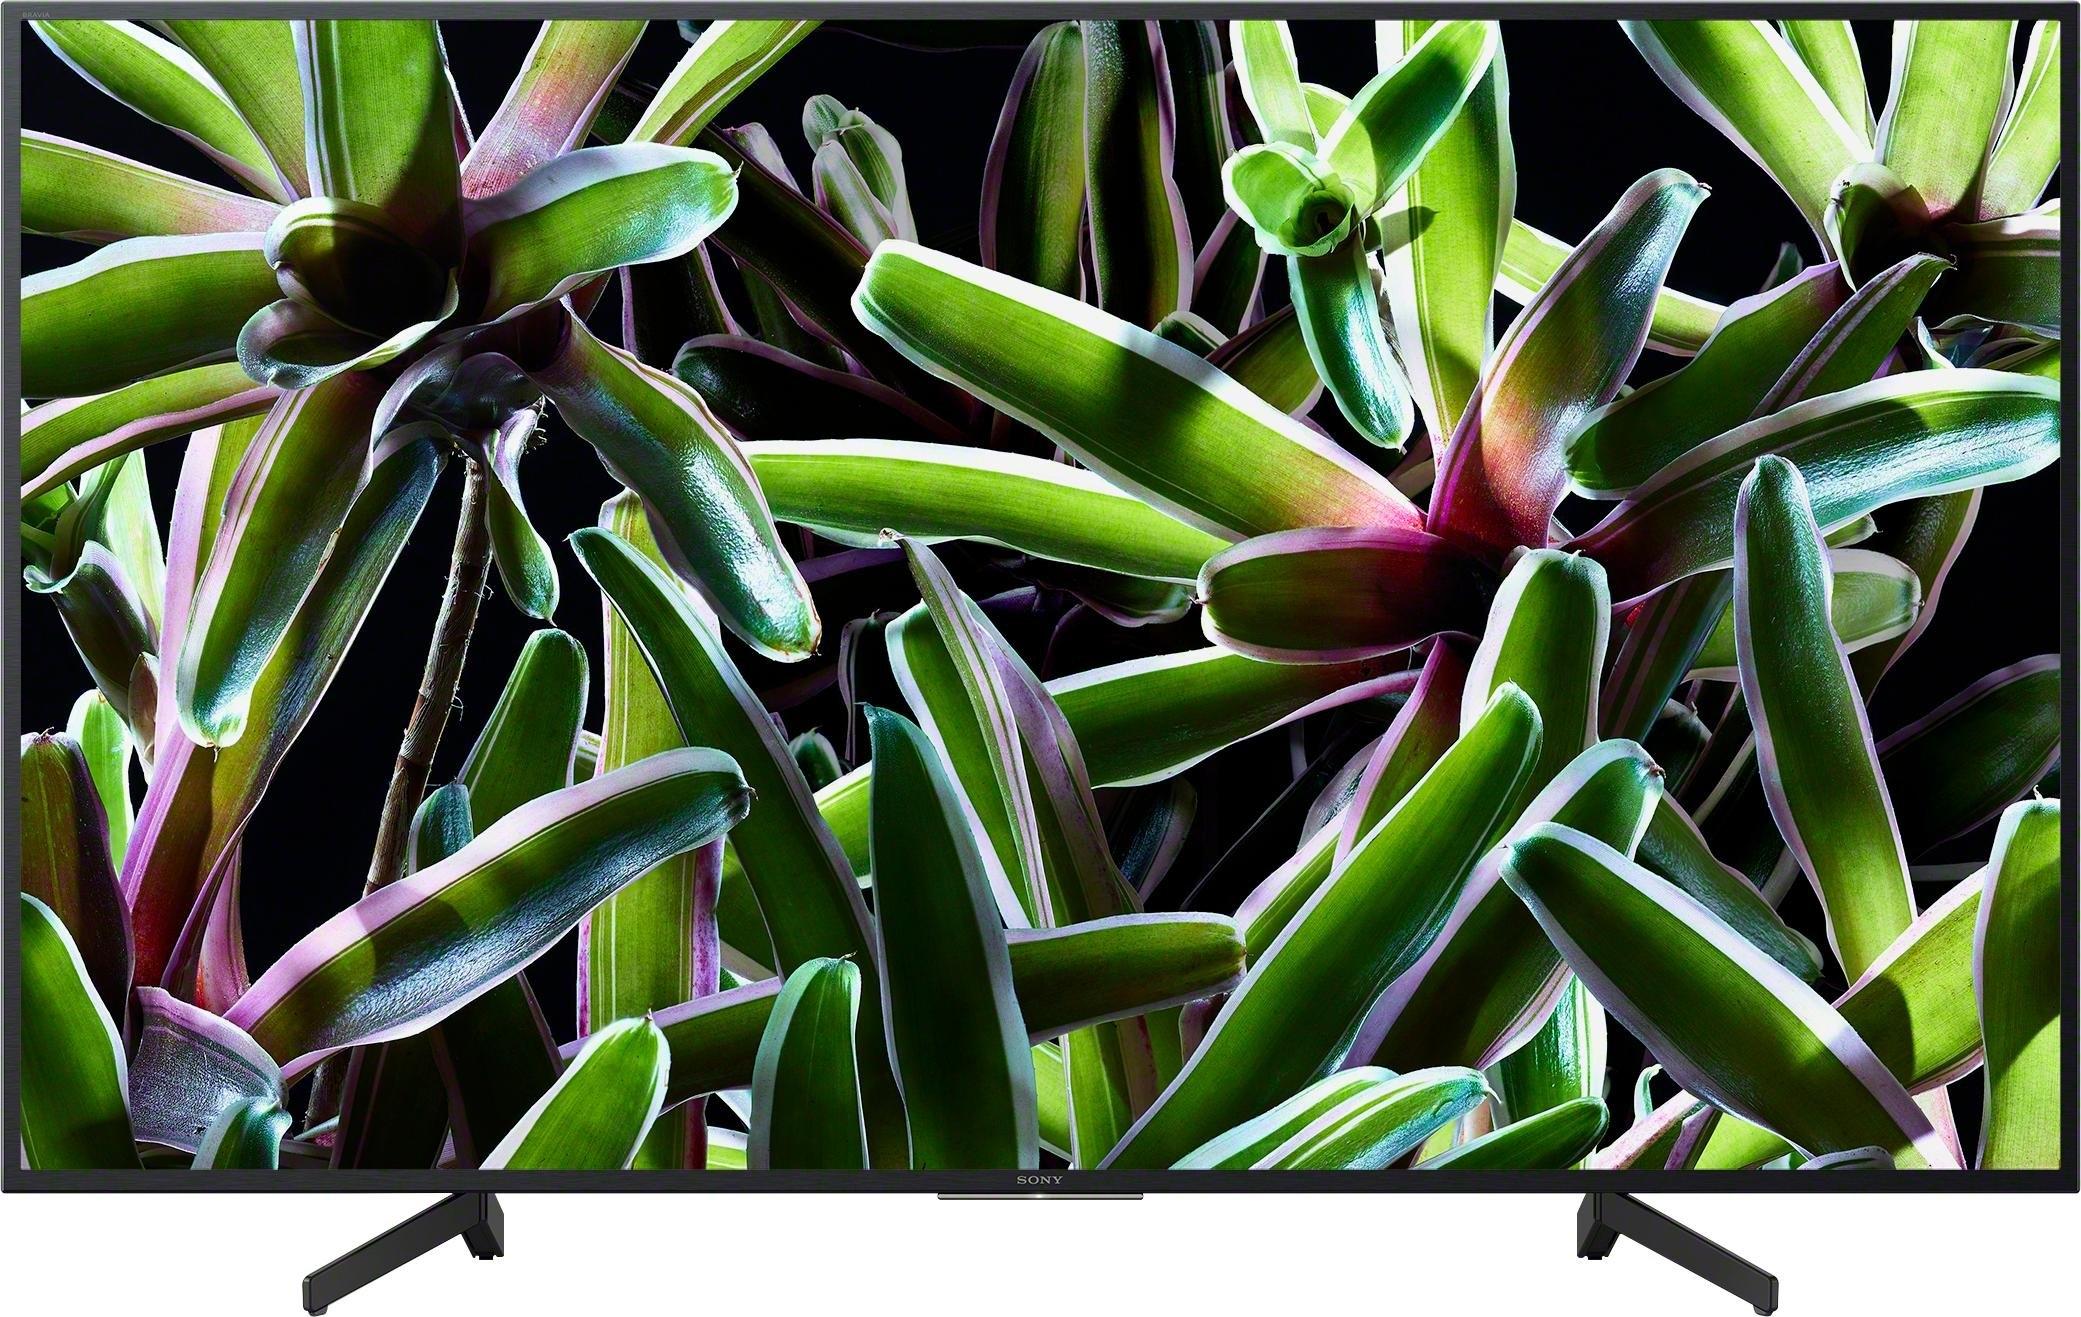 SONY KD55XG7005BAEP led-tv (139 cm / 55 inch), 4K Ultra HD, Smart-TV in de webshop van OTTO kopen